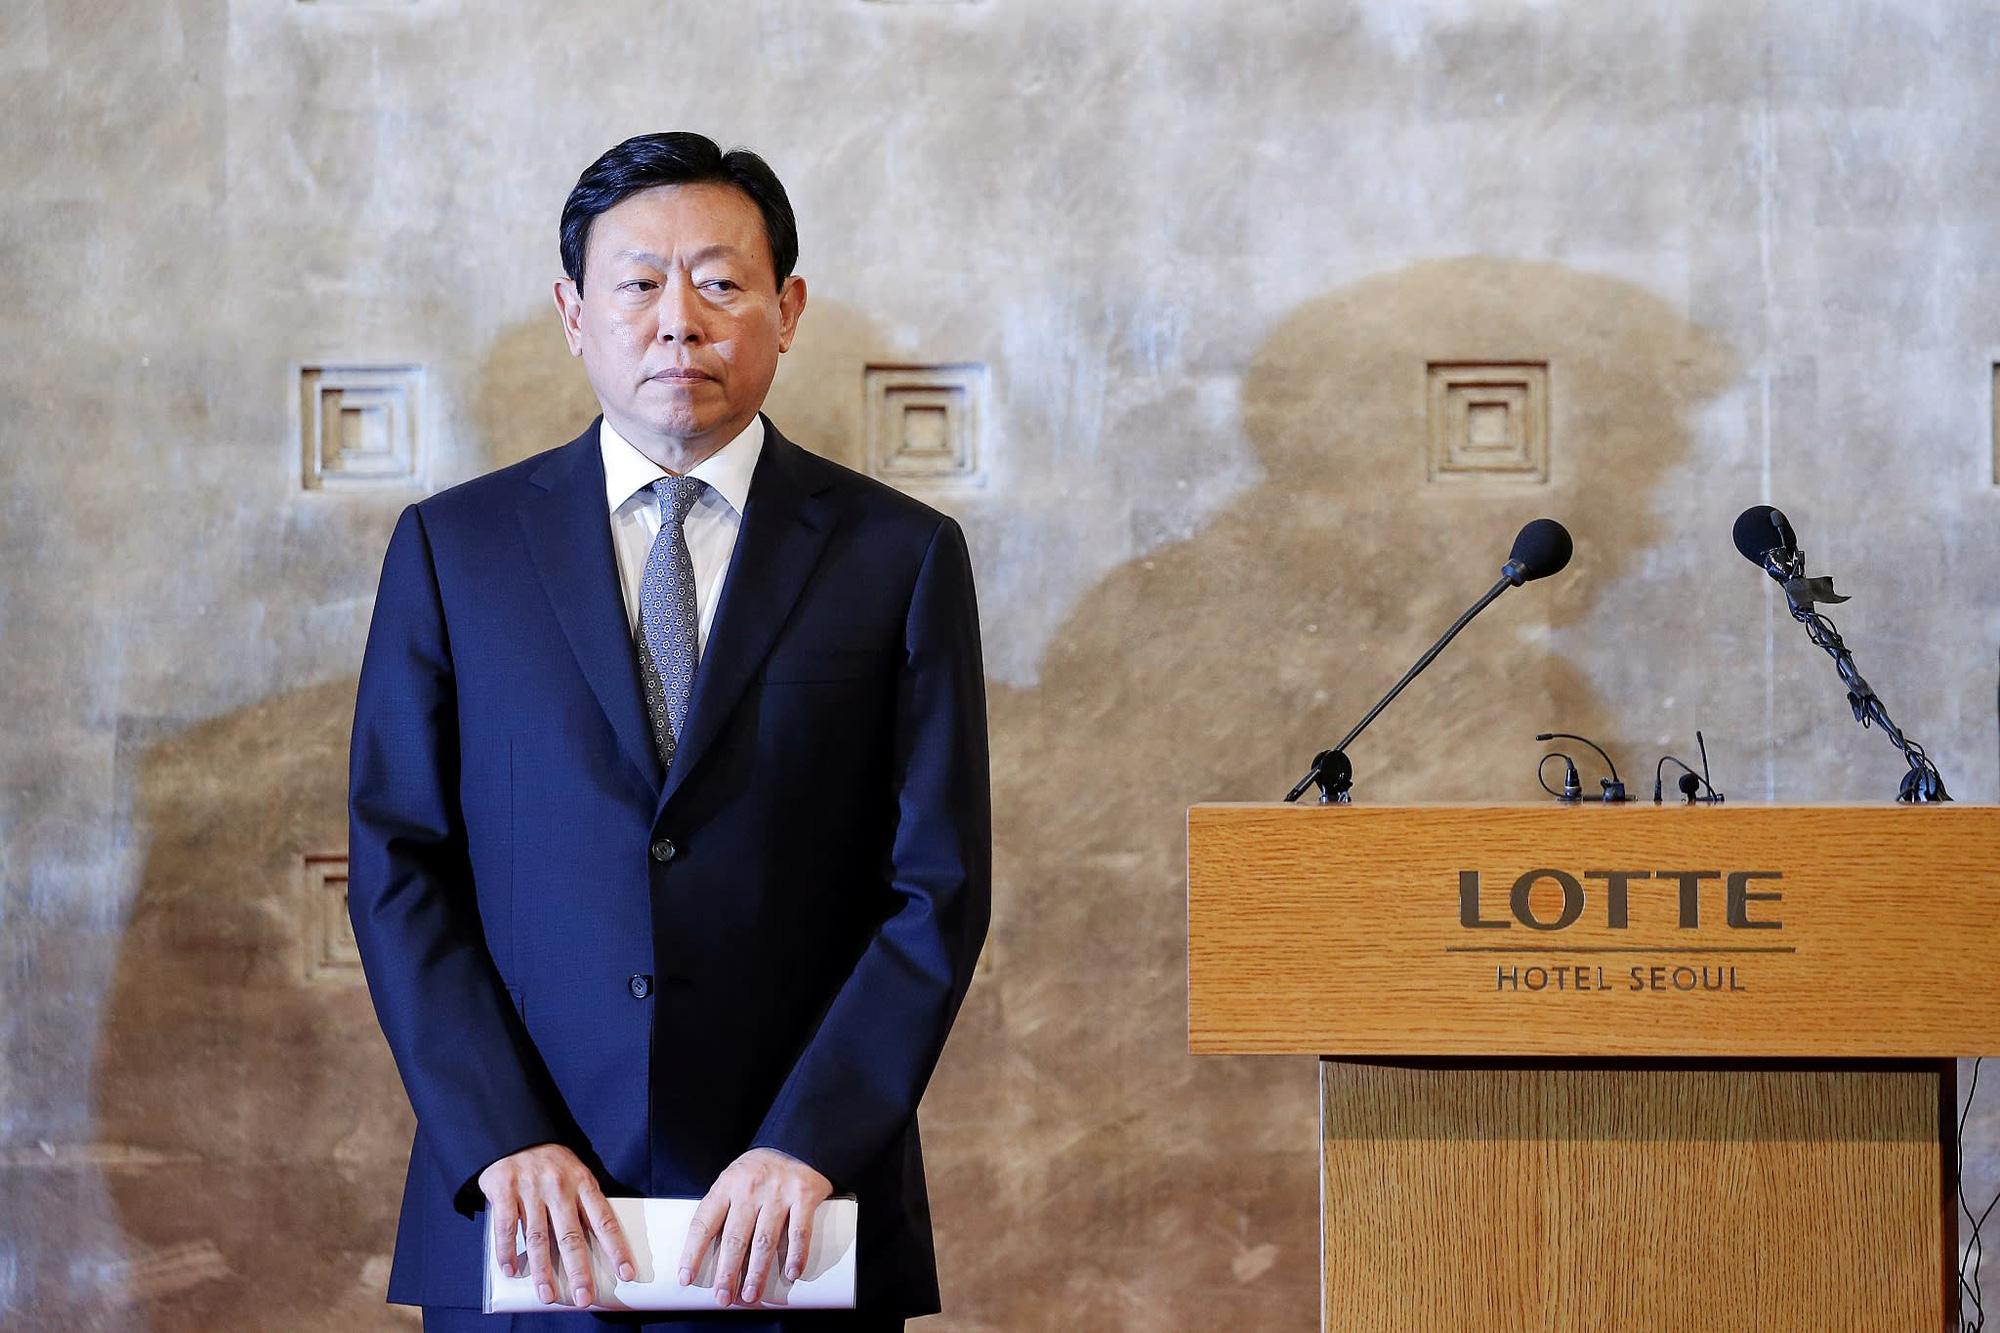 Nhà sáng lập Lotte: Từ chàng trai nghèo mê văn chương đến ông hoàng tập đoàn hàng đầu Hàn Quốc - Ảnh 3.